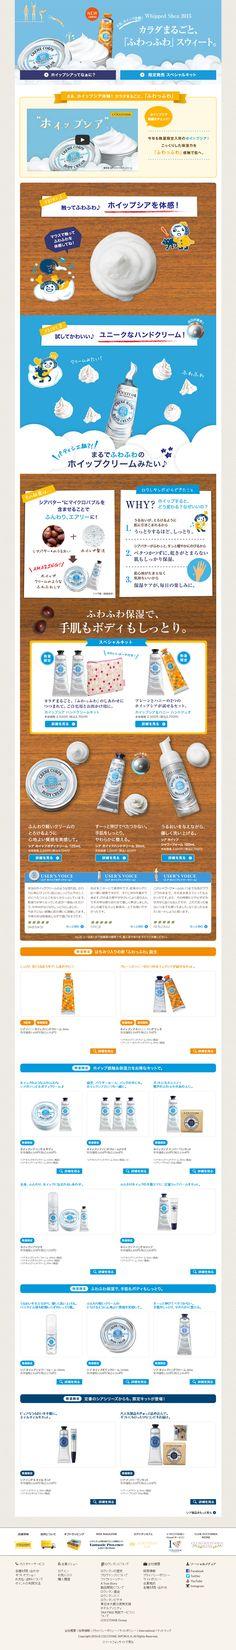 WHIPPED SHEA【スキンケア・美容商品関連】のLPデザイン。WEBデザイナーさん必見!ランディングページのデザイン参考に(かわいい系)